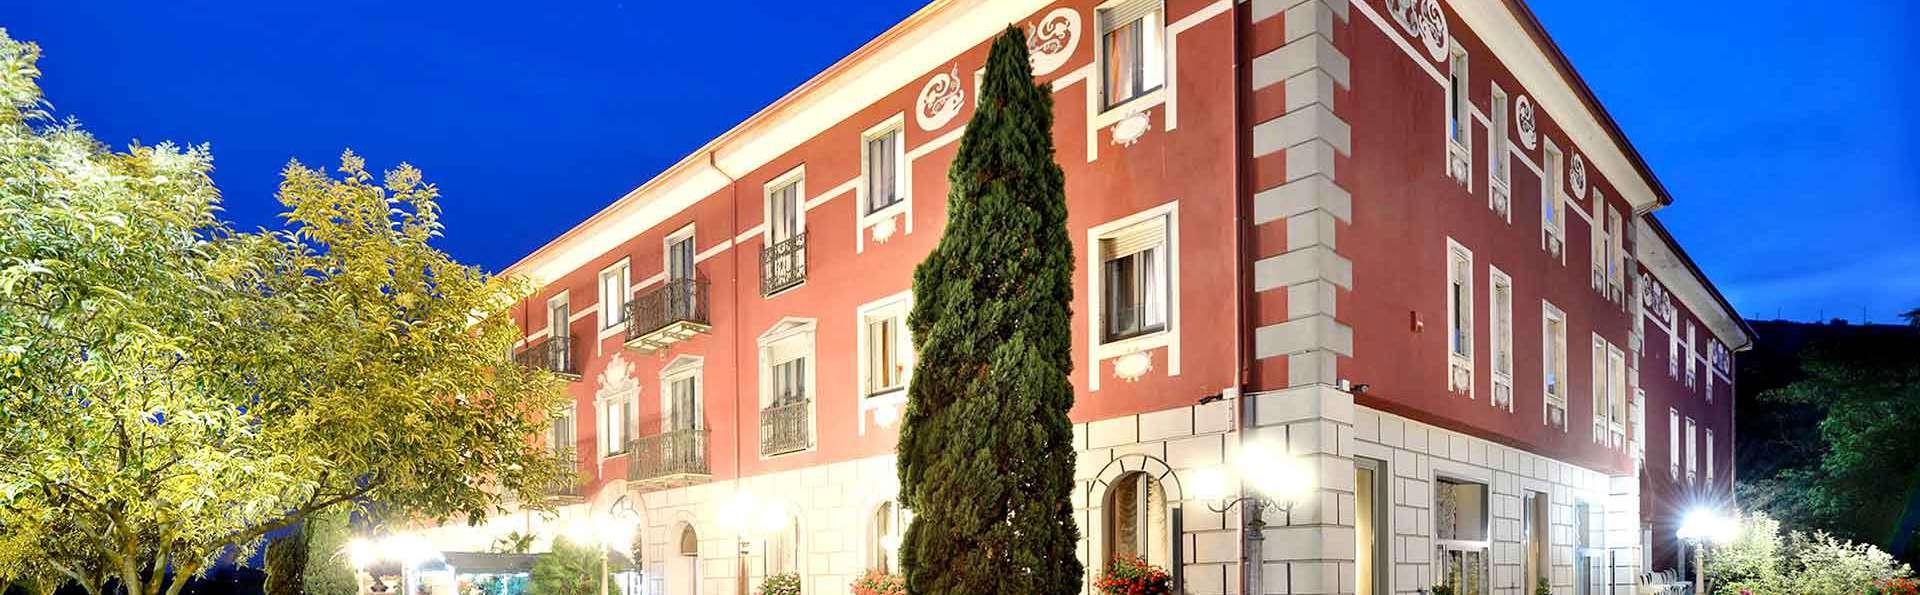 Hotel Terme Rosapepe - Edit_Front.jpg